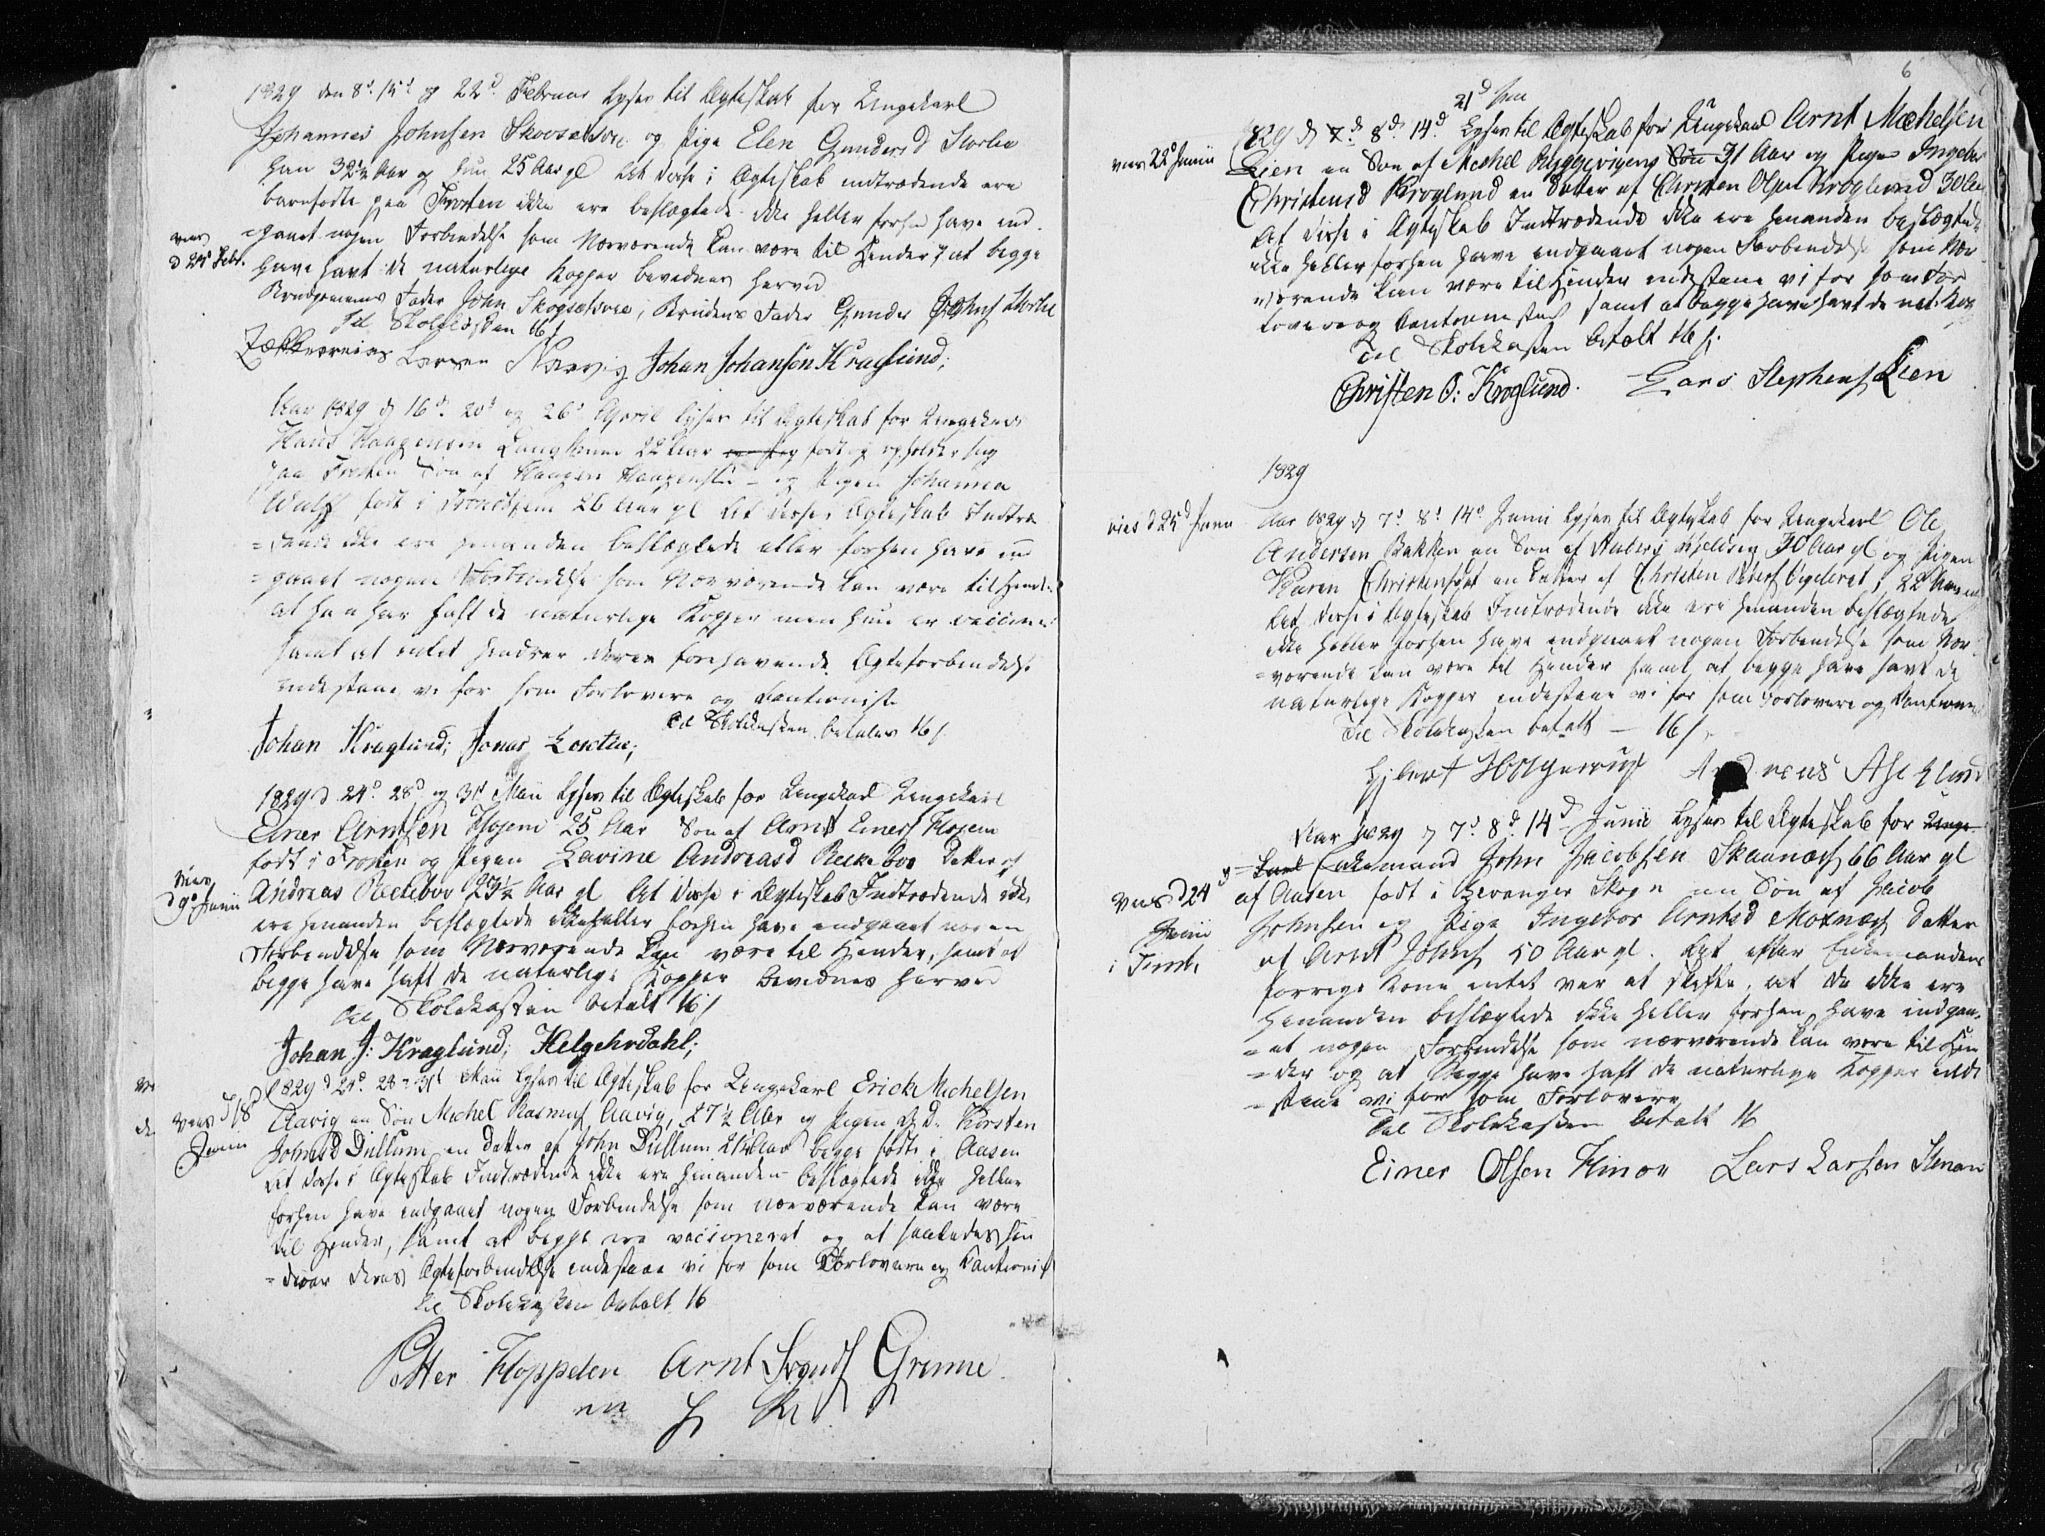 SAT, Ministerialprotokoller, klokkerbøker og fødselsregistre - Nord-Trøndelag, 713/L0114: Ministerialbok nr. 713A05, 1827-1839, s. 6